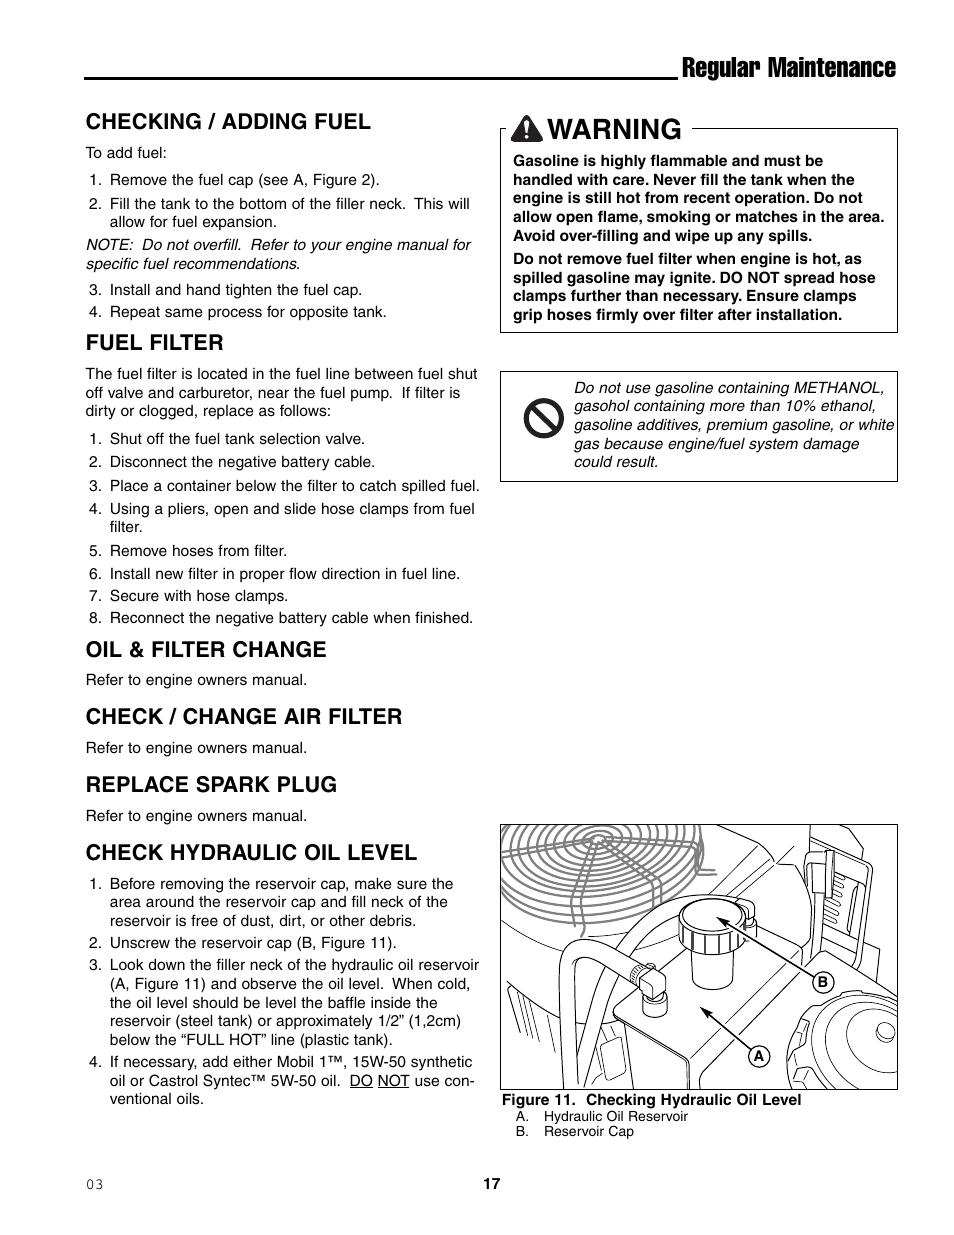 Warning, Regular maintenance, Checking / adding fuel | Fuel filter, Oil &  filter